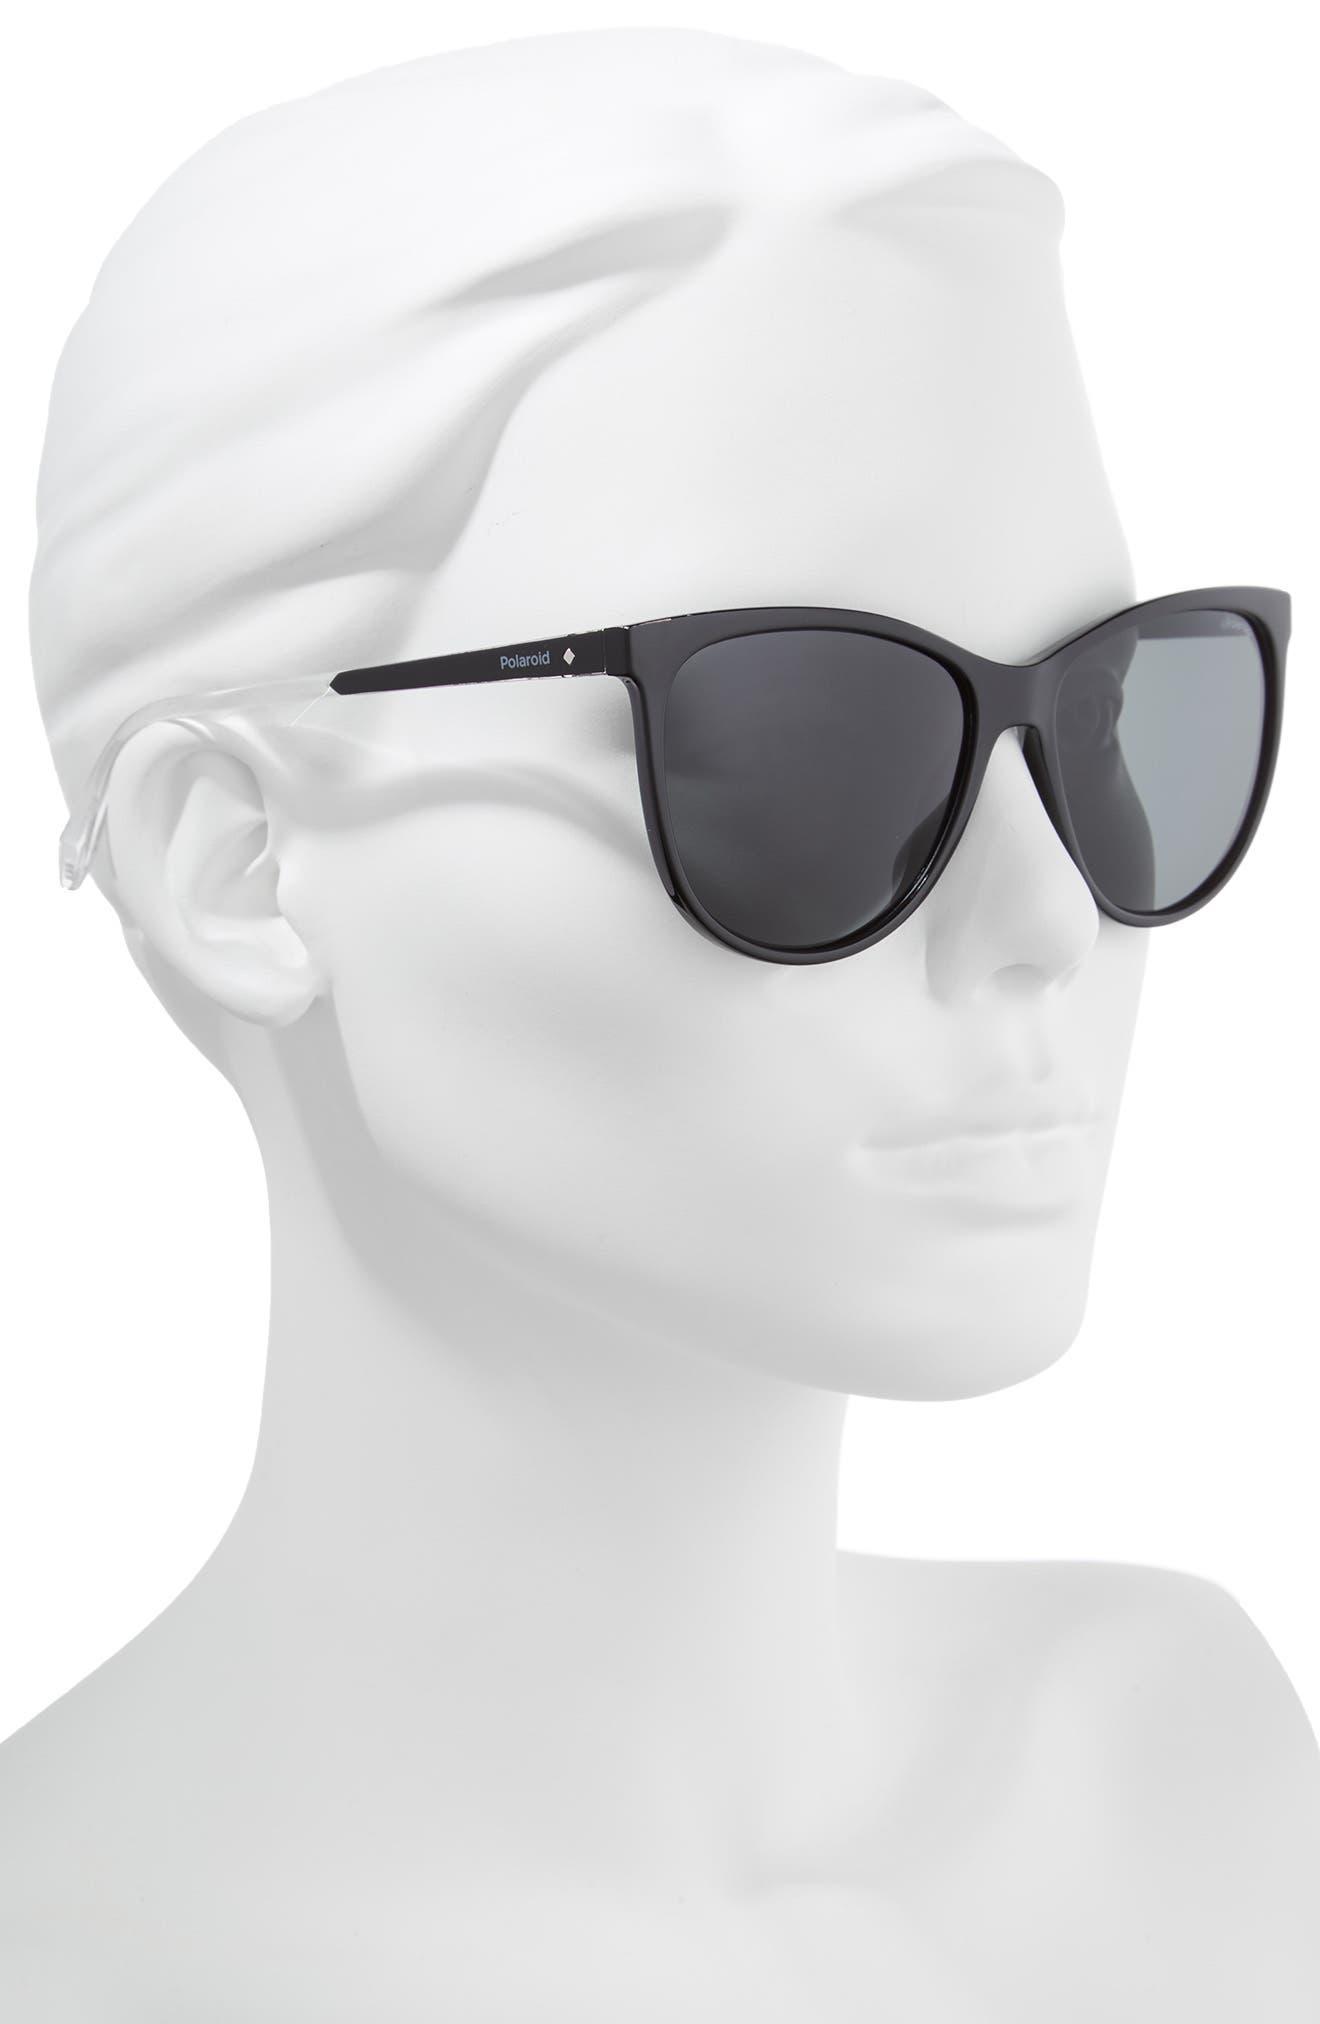 Basic 57mm Polarized Sunglasses,                             Alternate thumbnail 2, color,                             BLACK